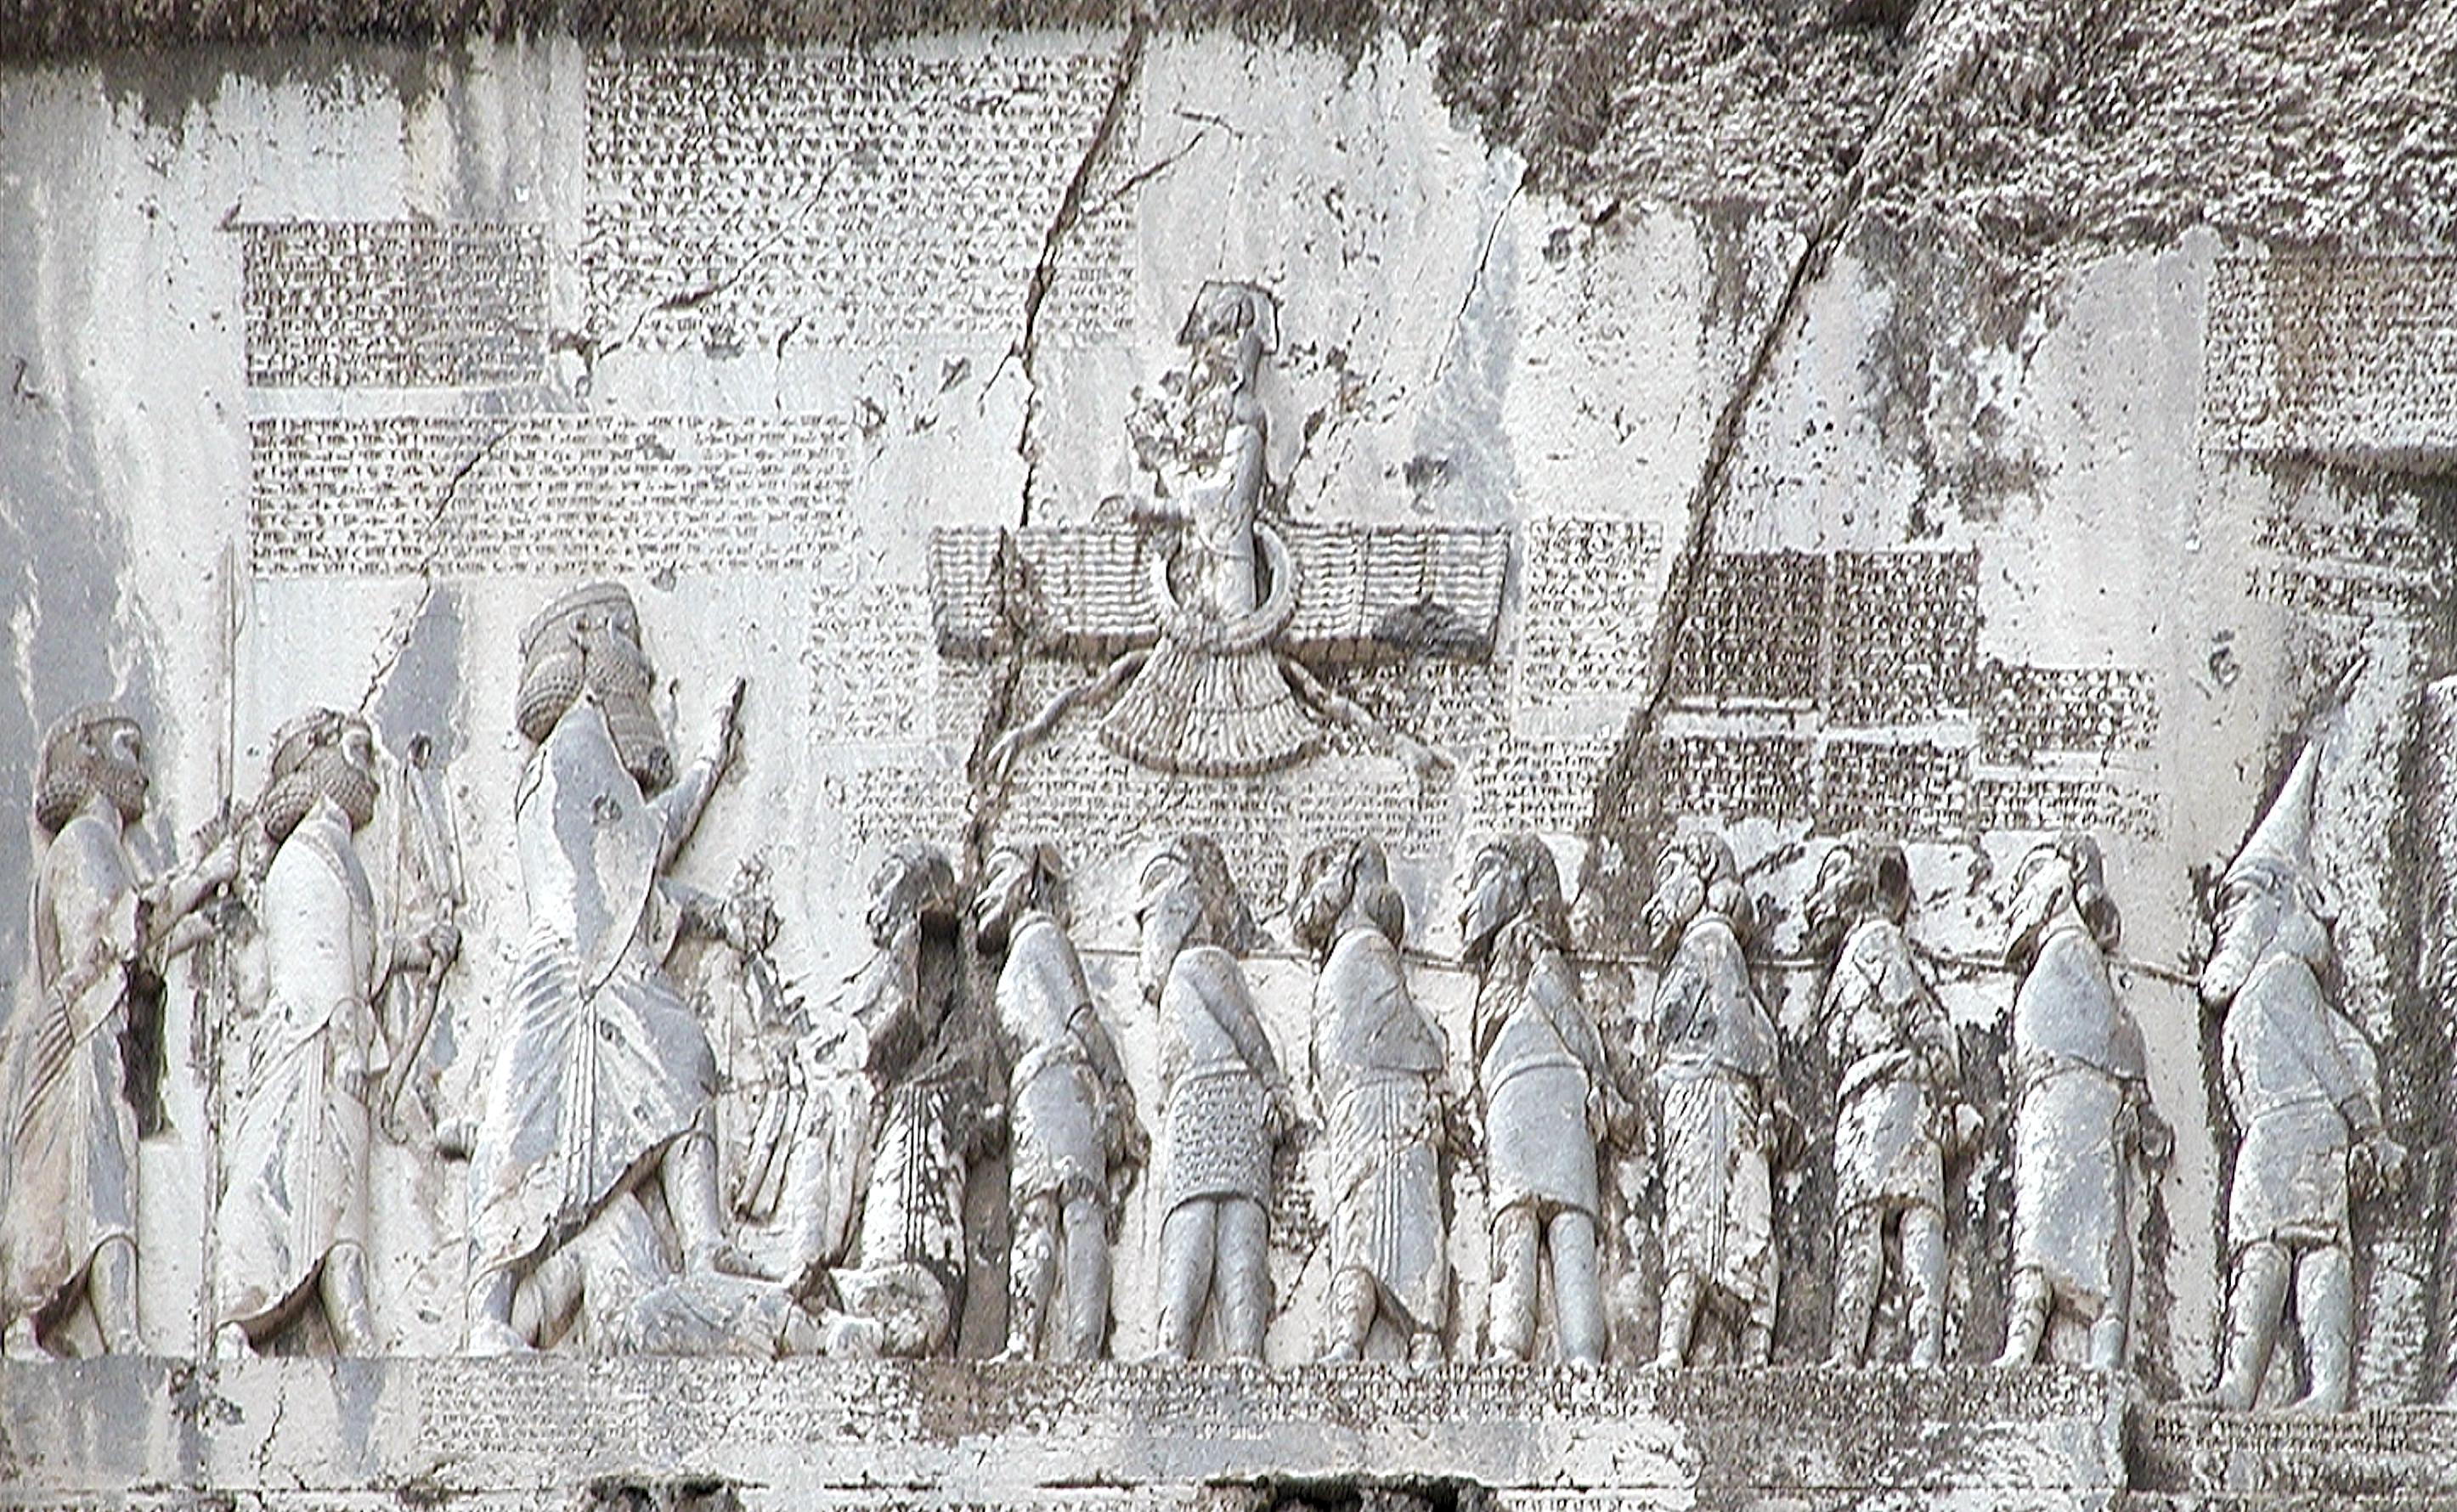 上图:贝希斯敦铭文(Behistun Inscription)是刻在伊朗贝希斯敦山崖上的多语言铭文,由波斯阿契美尼德帝国大流士一世所立,记录了他镇压高墨达(Gaumata)政变和各地反叛、取得王位的经过。石刻上有描绘大流士一世脚踏高墨达的浮雕,周围的铭文以三种不同的楔形文字写成:古波斯语、亚兰语和巴比伦语。这个石刻有如罗塞塔石碑之于埃及象形文字一样,极大地帮助了专家们破解楔形文字。1835年,英国人罗林森(Sir Henry Rawlinson)拓取了石刻上的古波斯文铭文,1844年又拓取了其余的铭文。在他和其他学者的努力下,古波斯文铭文首先被成功解读,其它两种铭文随后也被成功解读。